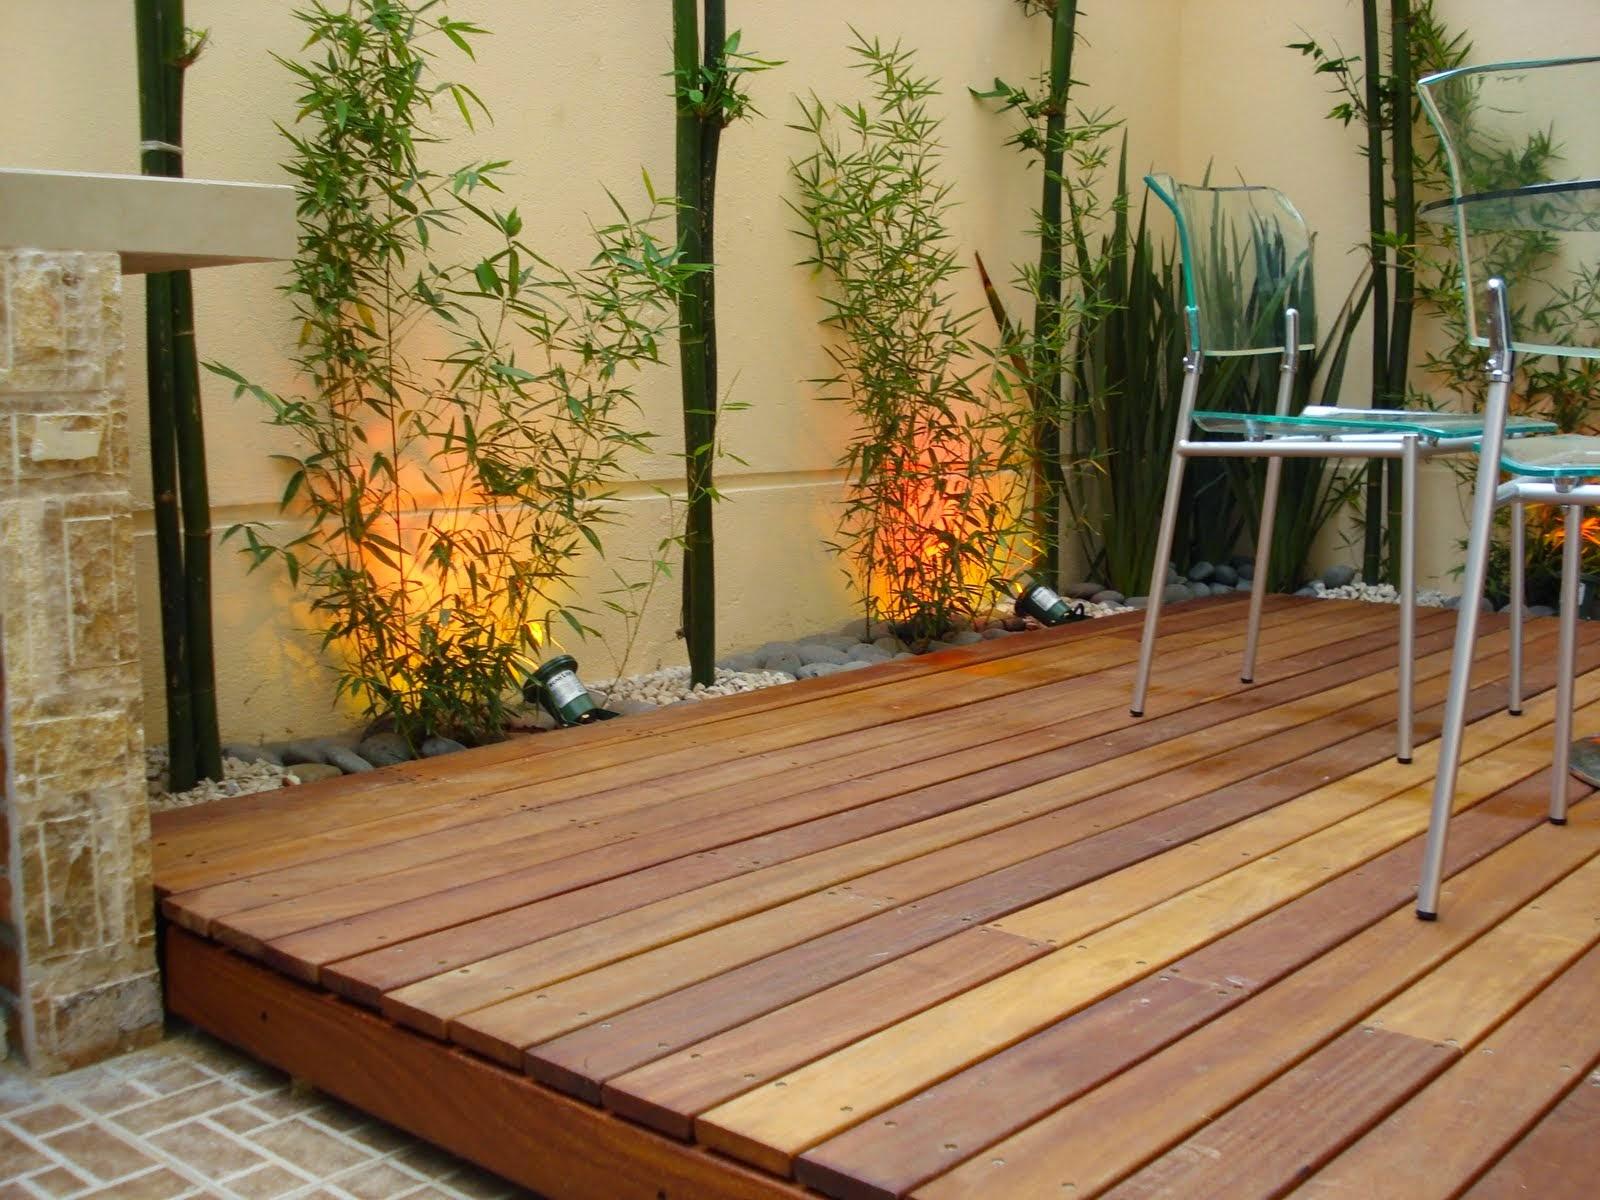 Consejos para decorar jardines en terrazas y balcones for Pisos de jardines exteriores